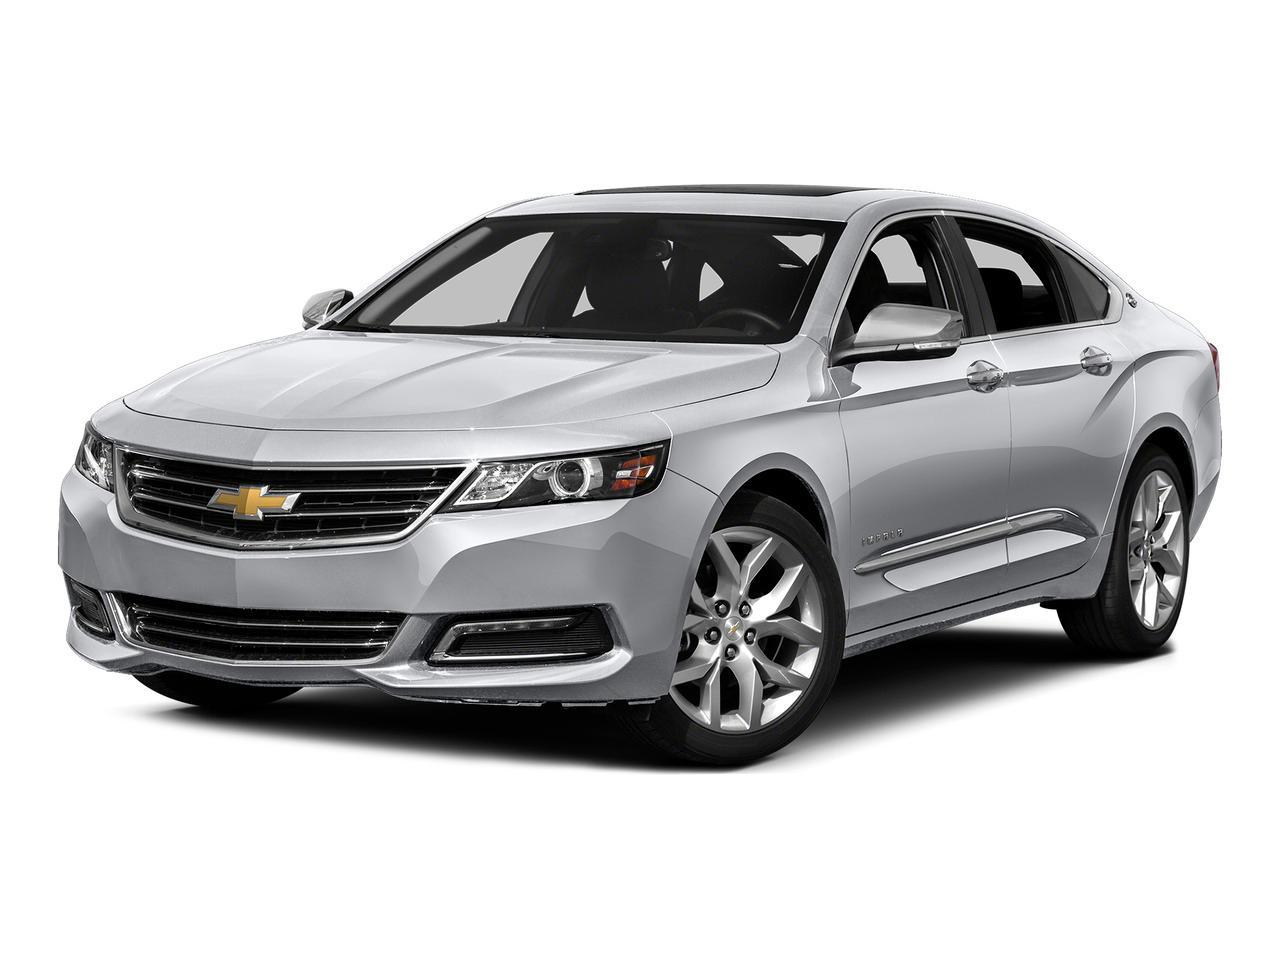 2016 Chevrolet Impala Vehicle Photo in Baton Rouge, LA 70806